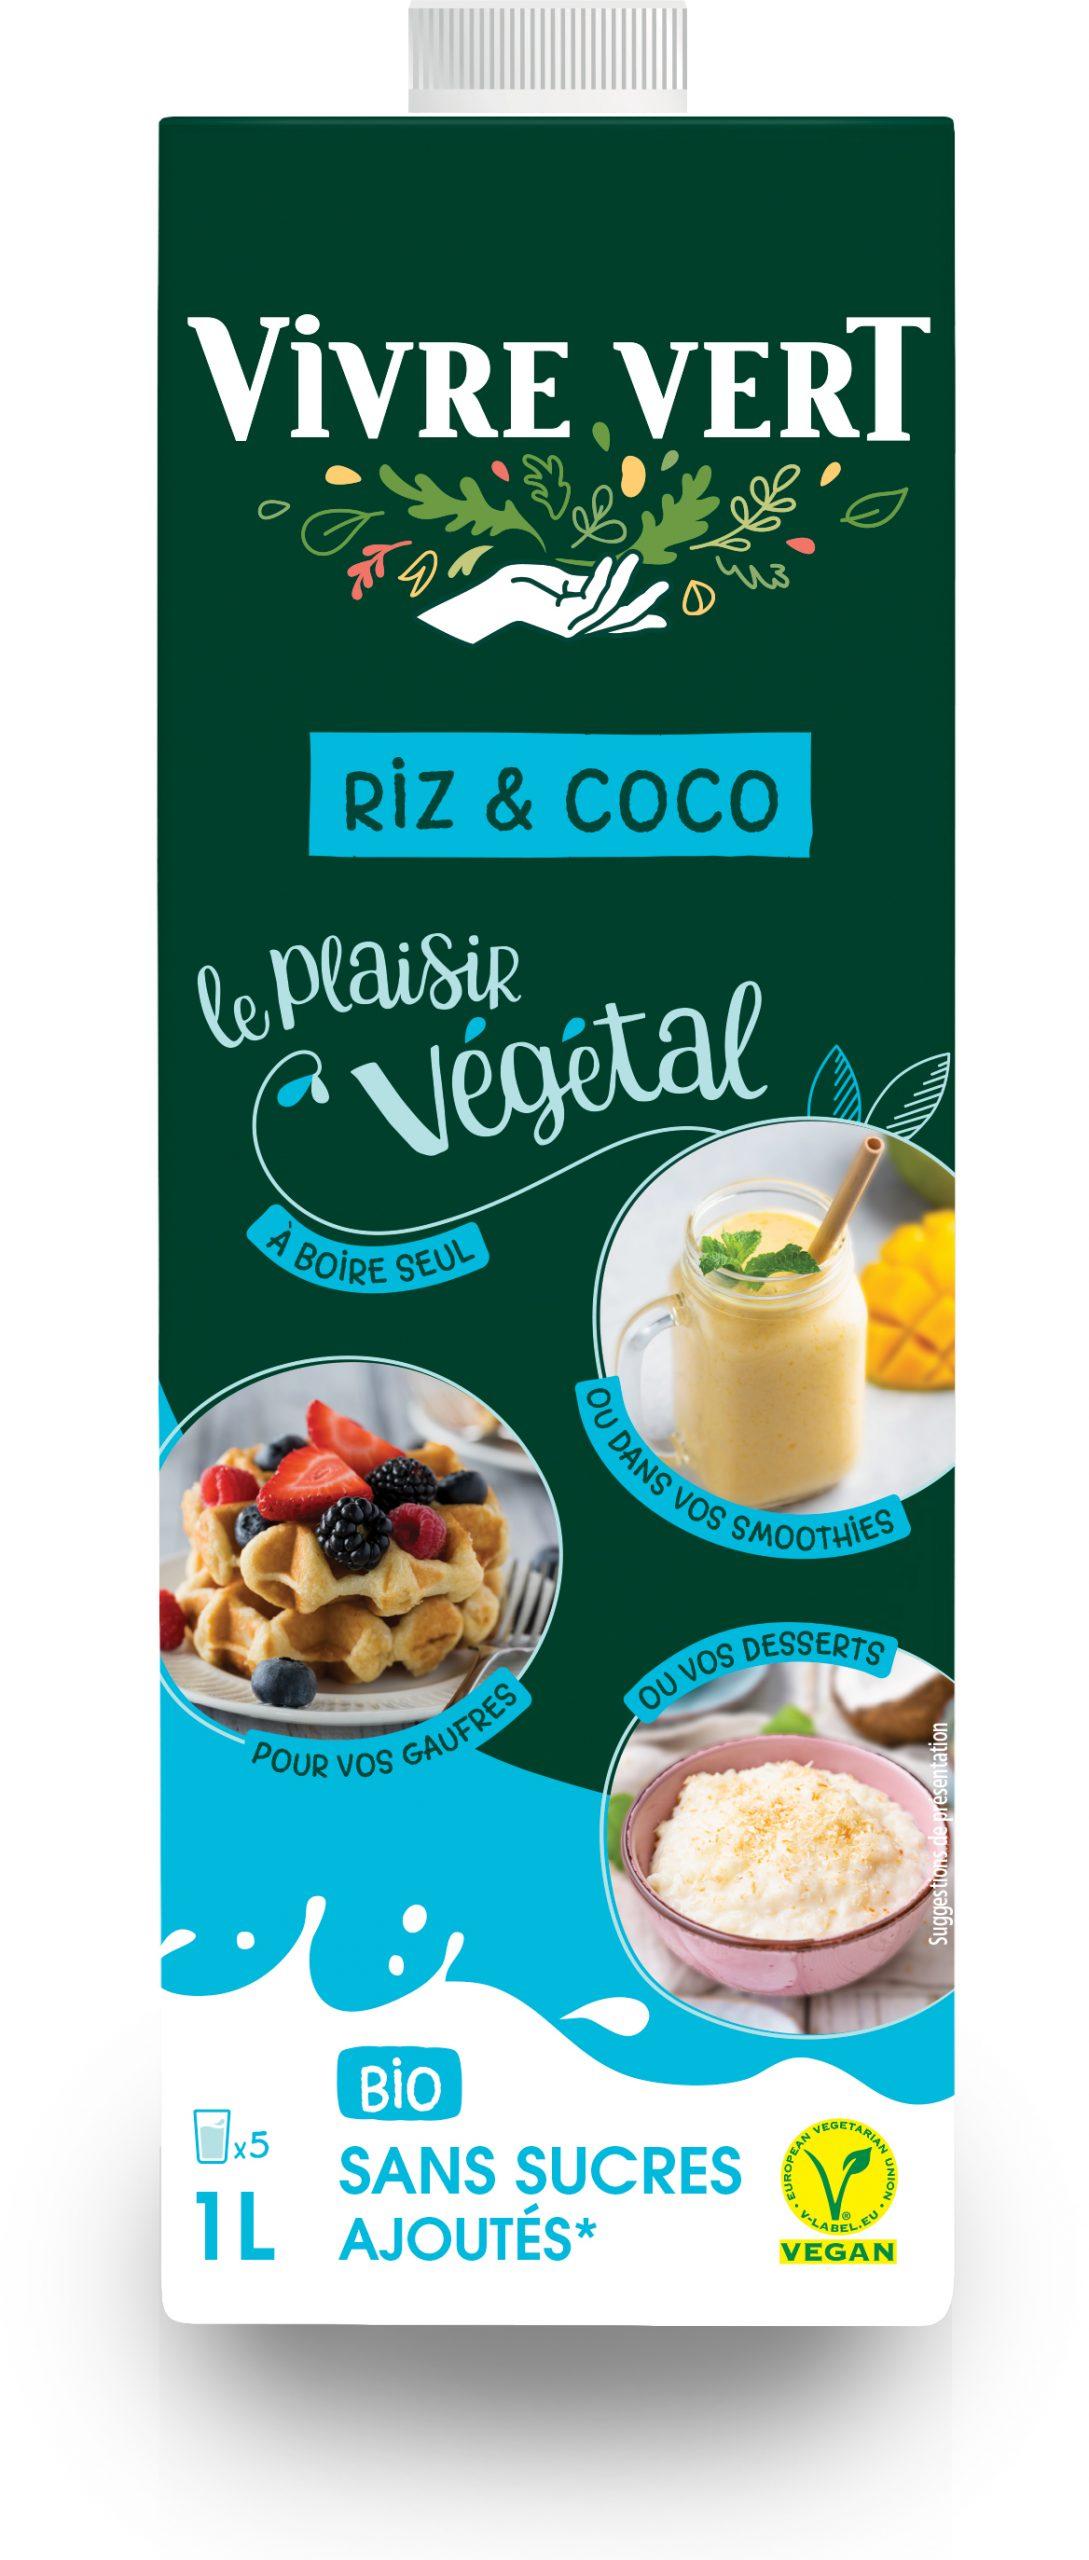 boissoncoco scaled - Vivre Vert, le végétal gourmand et engagé au rayon frais